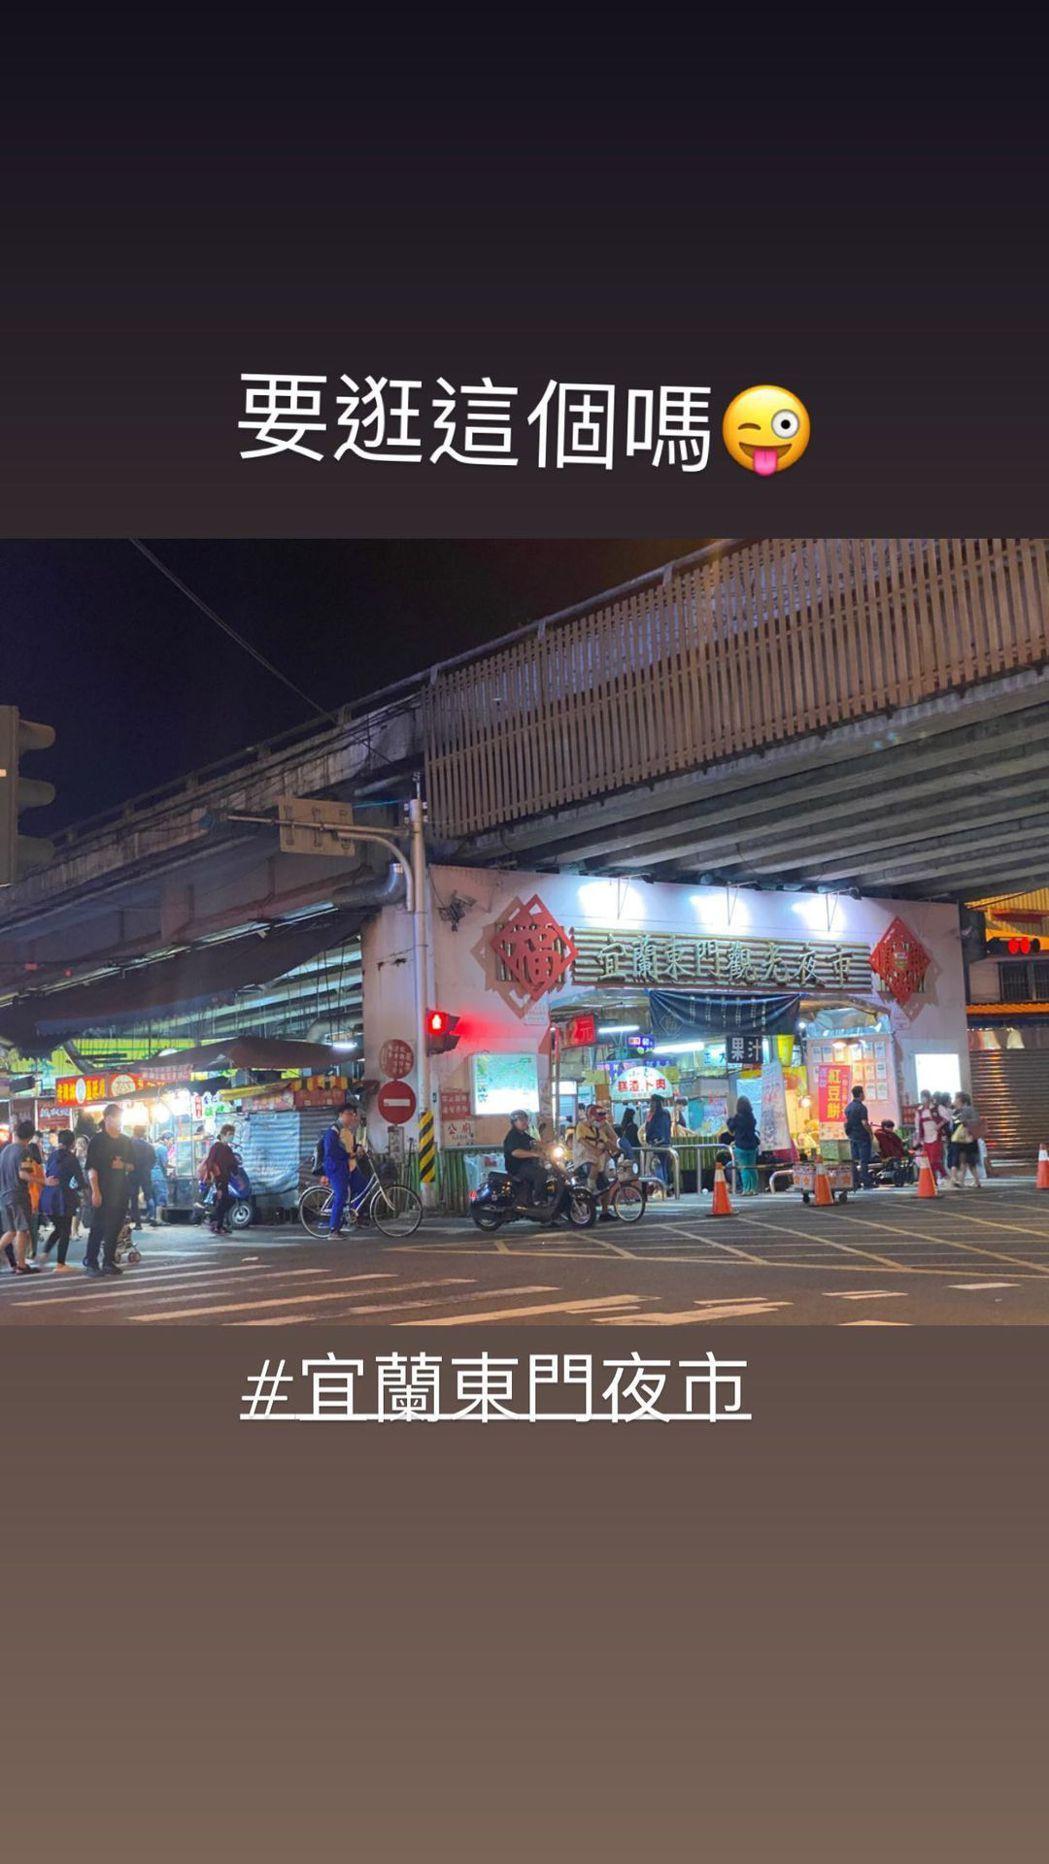 「周董」周杰倫昨天嗨逛宜蘭東門夜市。翻攝自IG